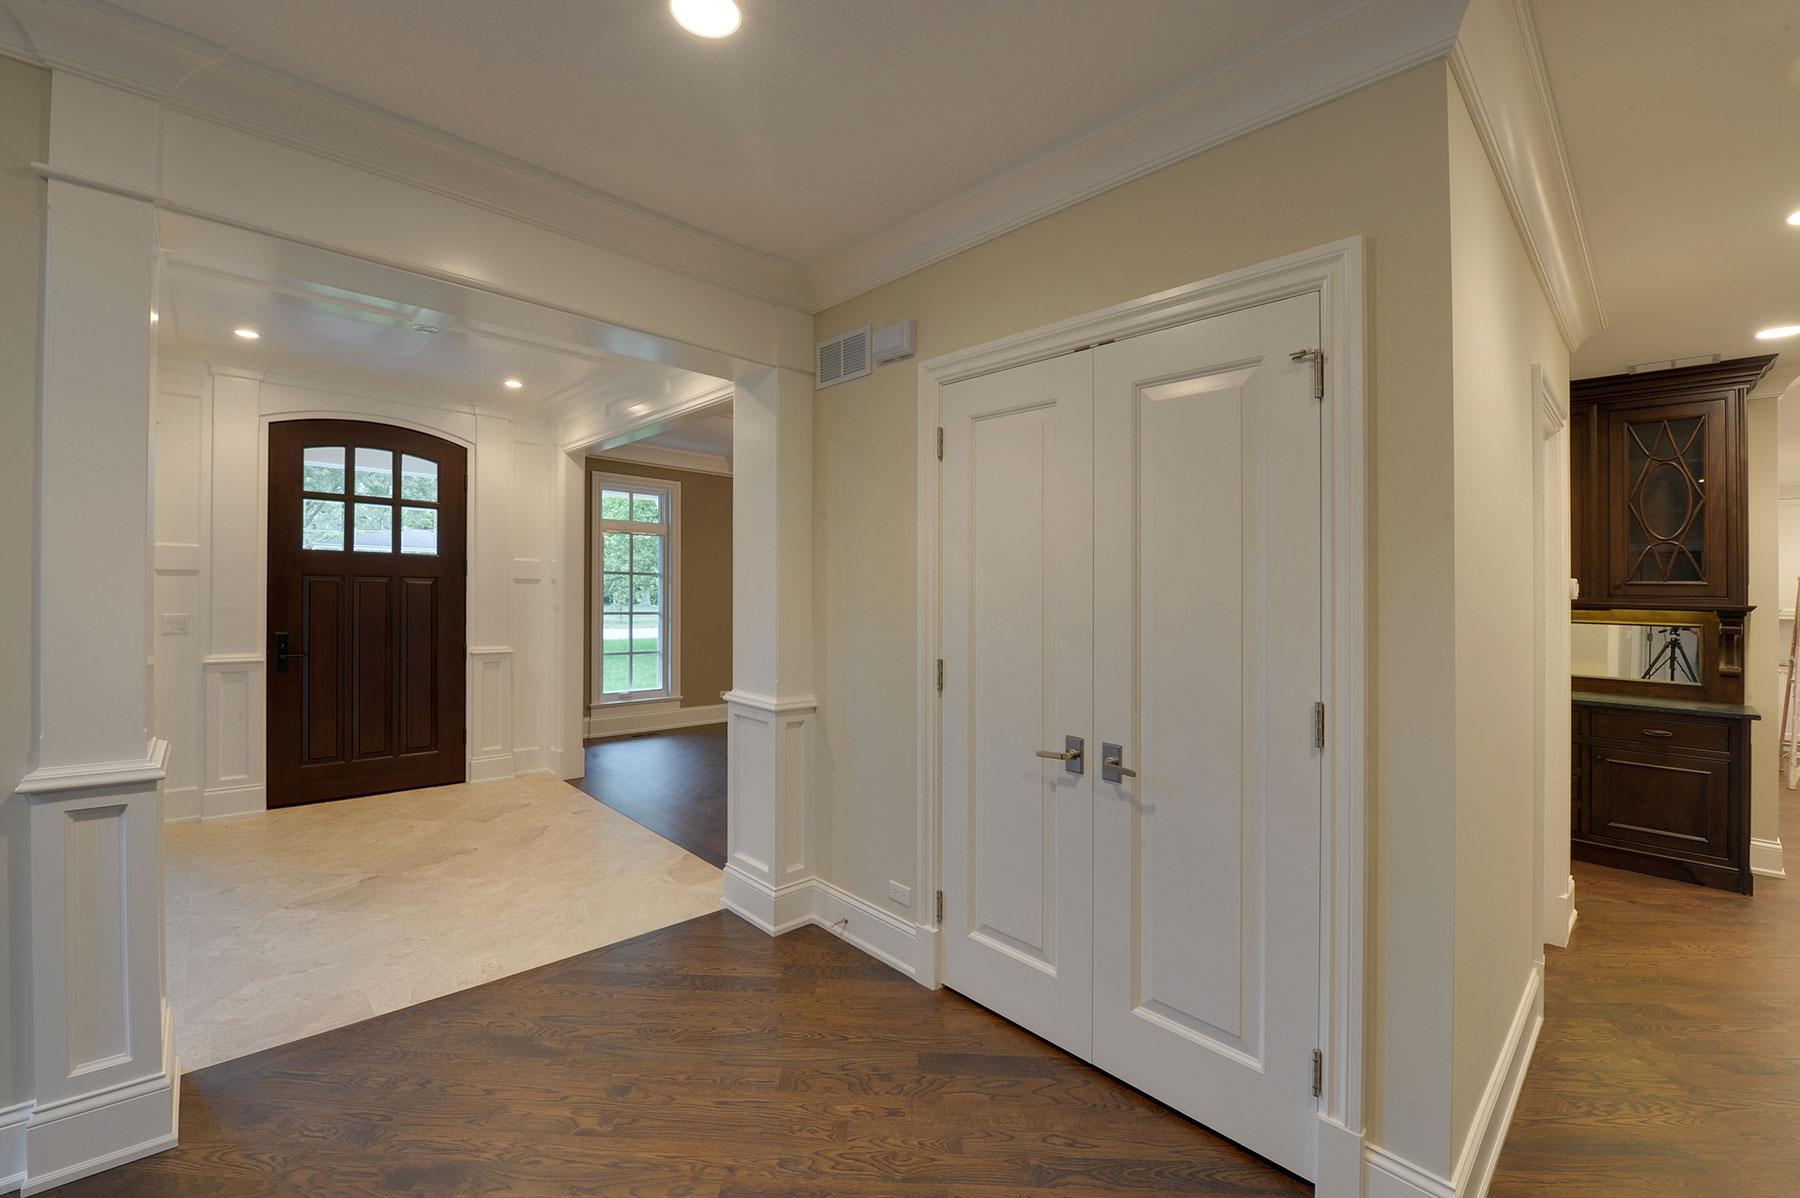 Custom Wood Interior Doors | Closet Double Door  - Glenview Doors - Custom Doors in Chicago